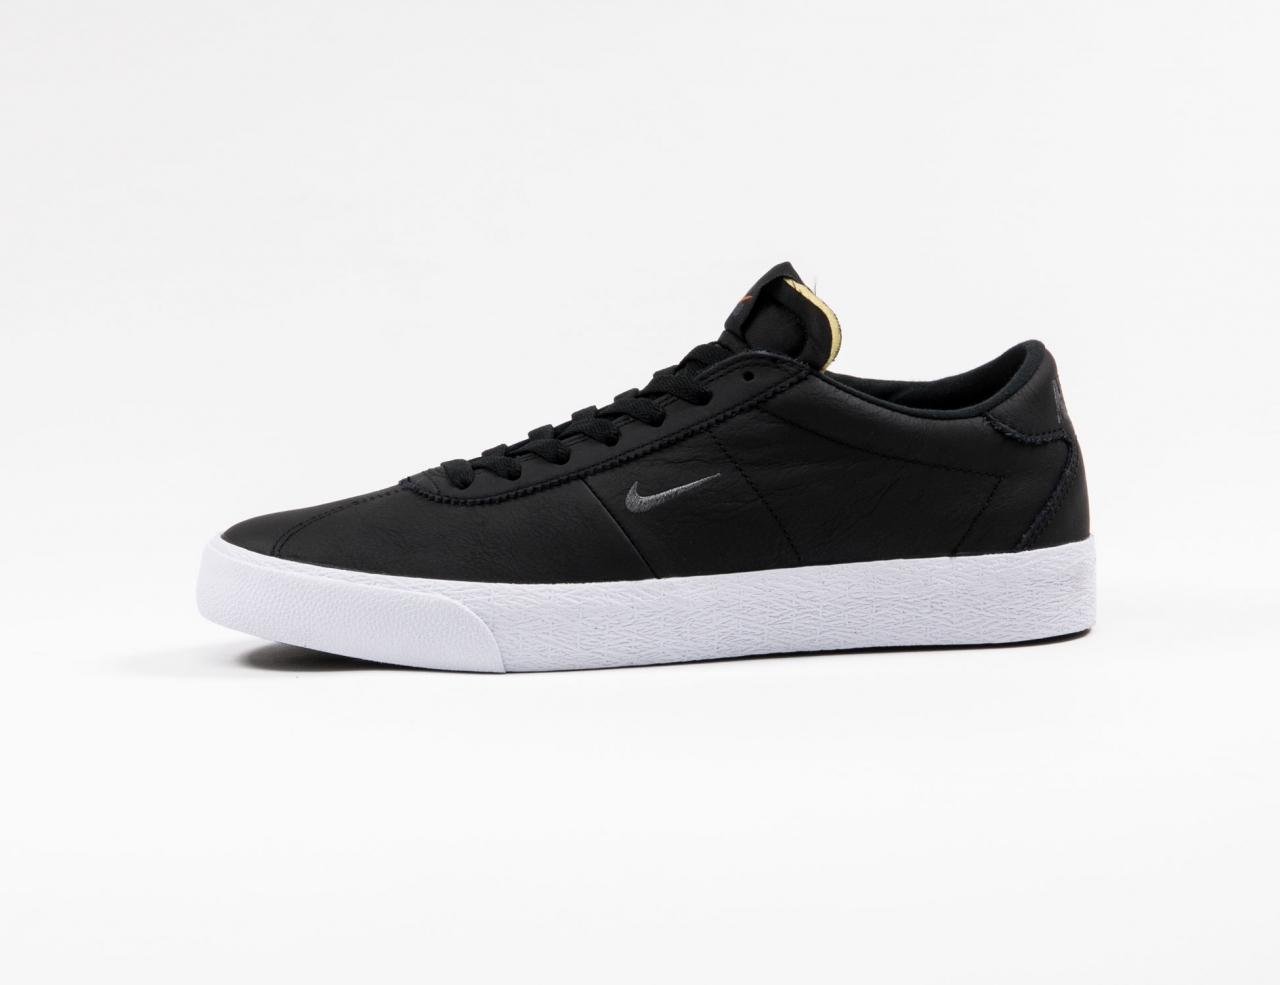 Nike SB Zoom Bruin ISO - Black / Dark Grey